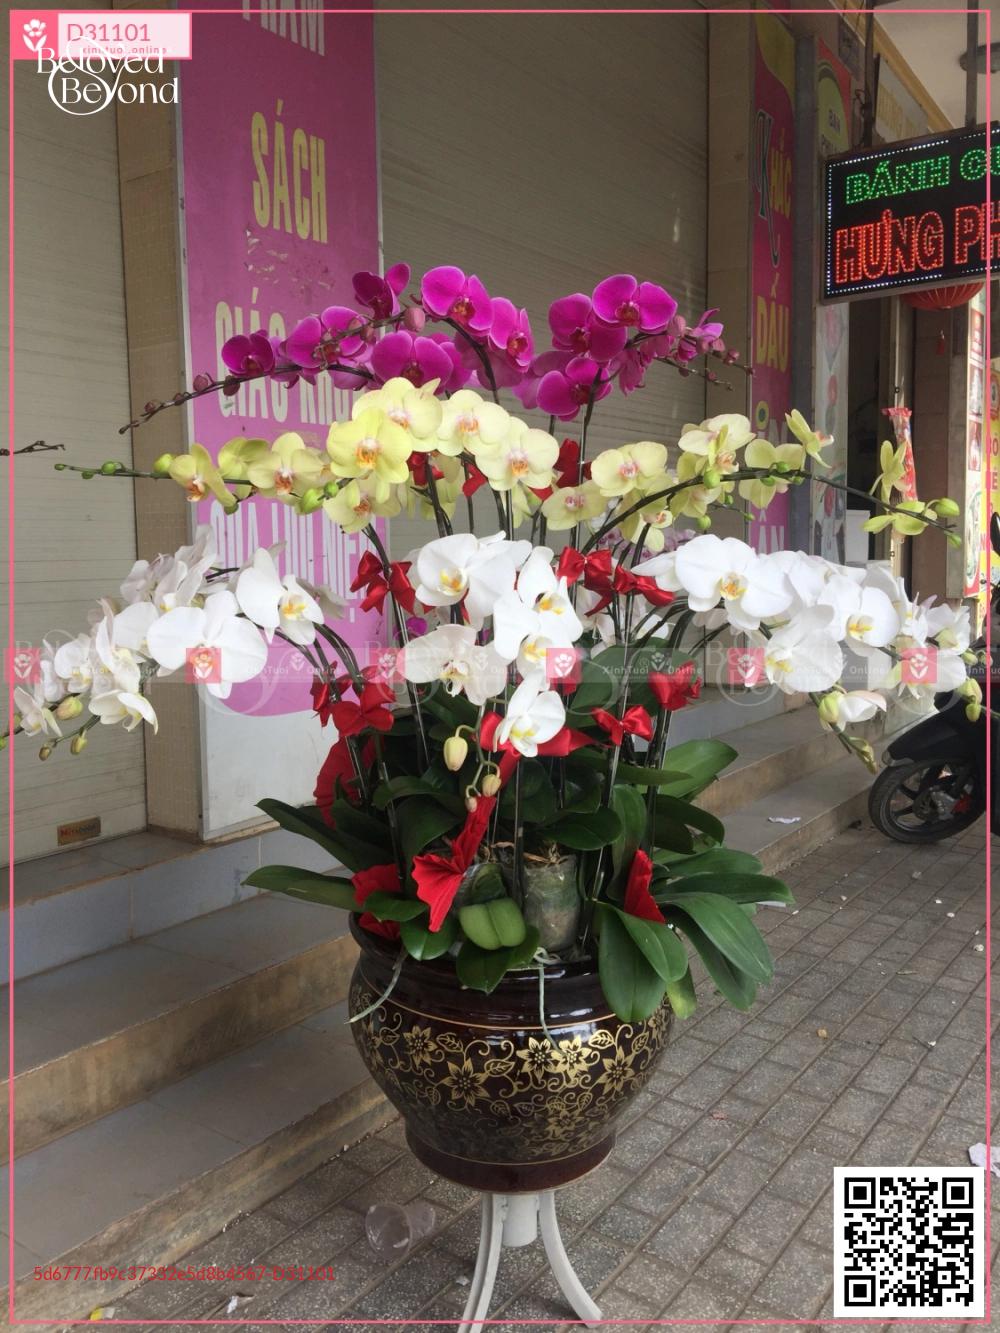 Lan hồ điệp ghép chậu lớn - D31101 - xinhtuoi.online